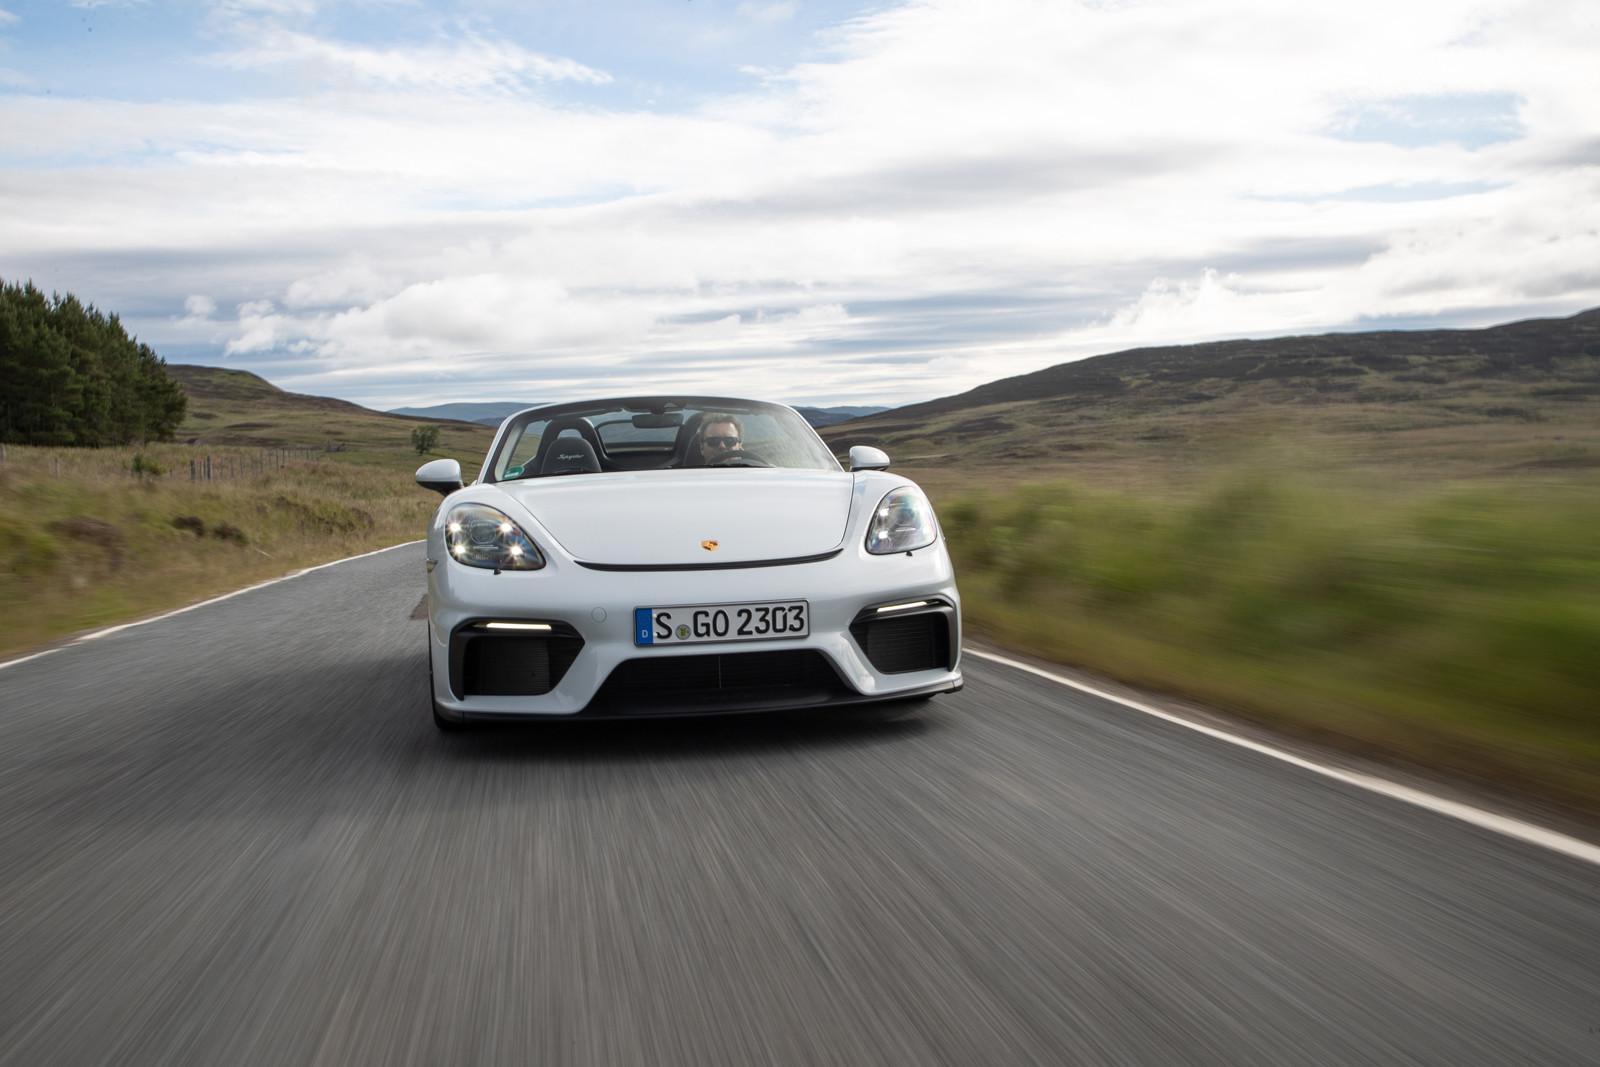 Foto de Porsche 718 Spyder (prueba contacto) (22/296)